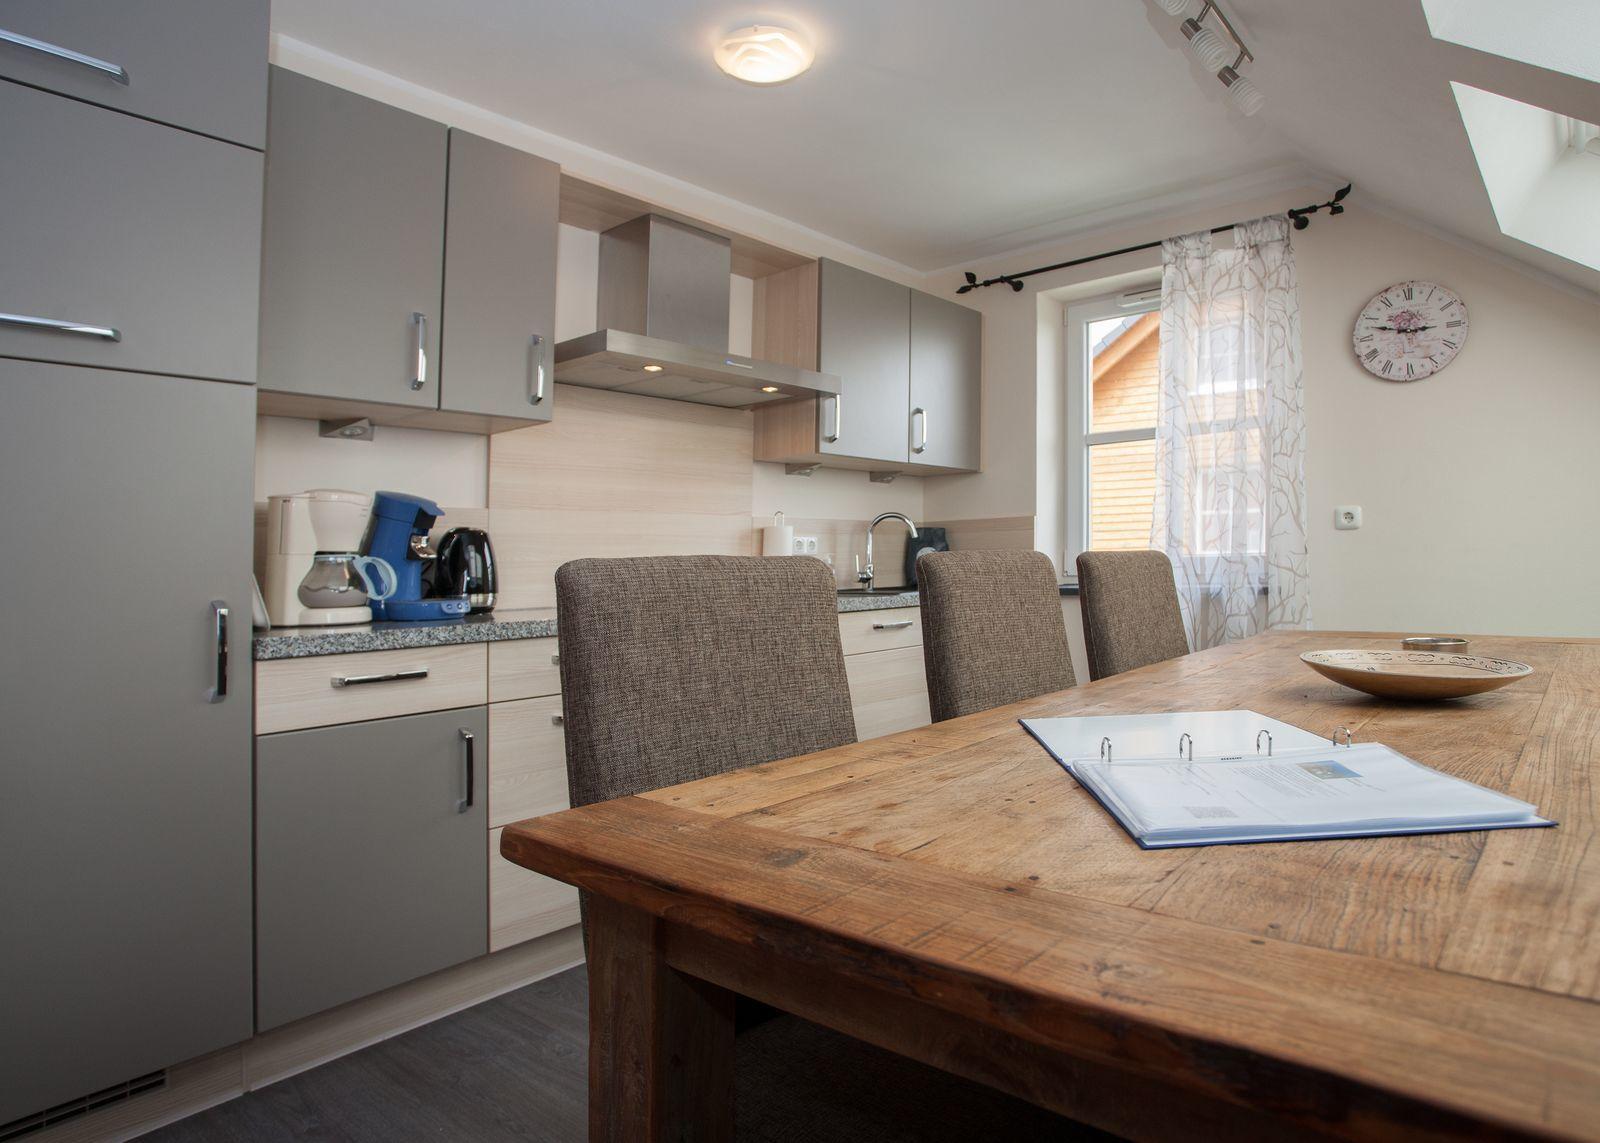 Appartement - Am Gerkenstein 29-M